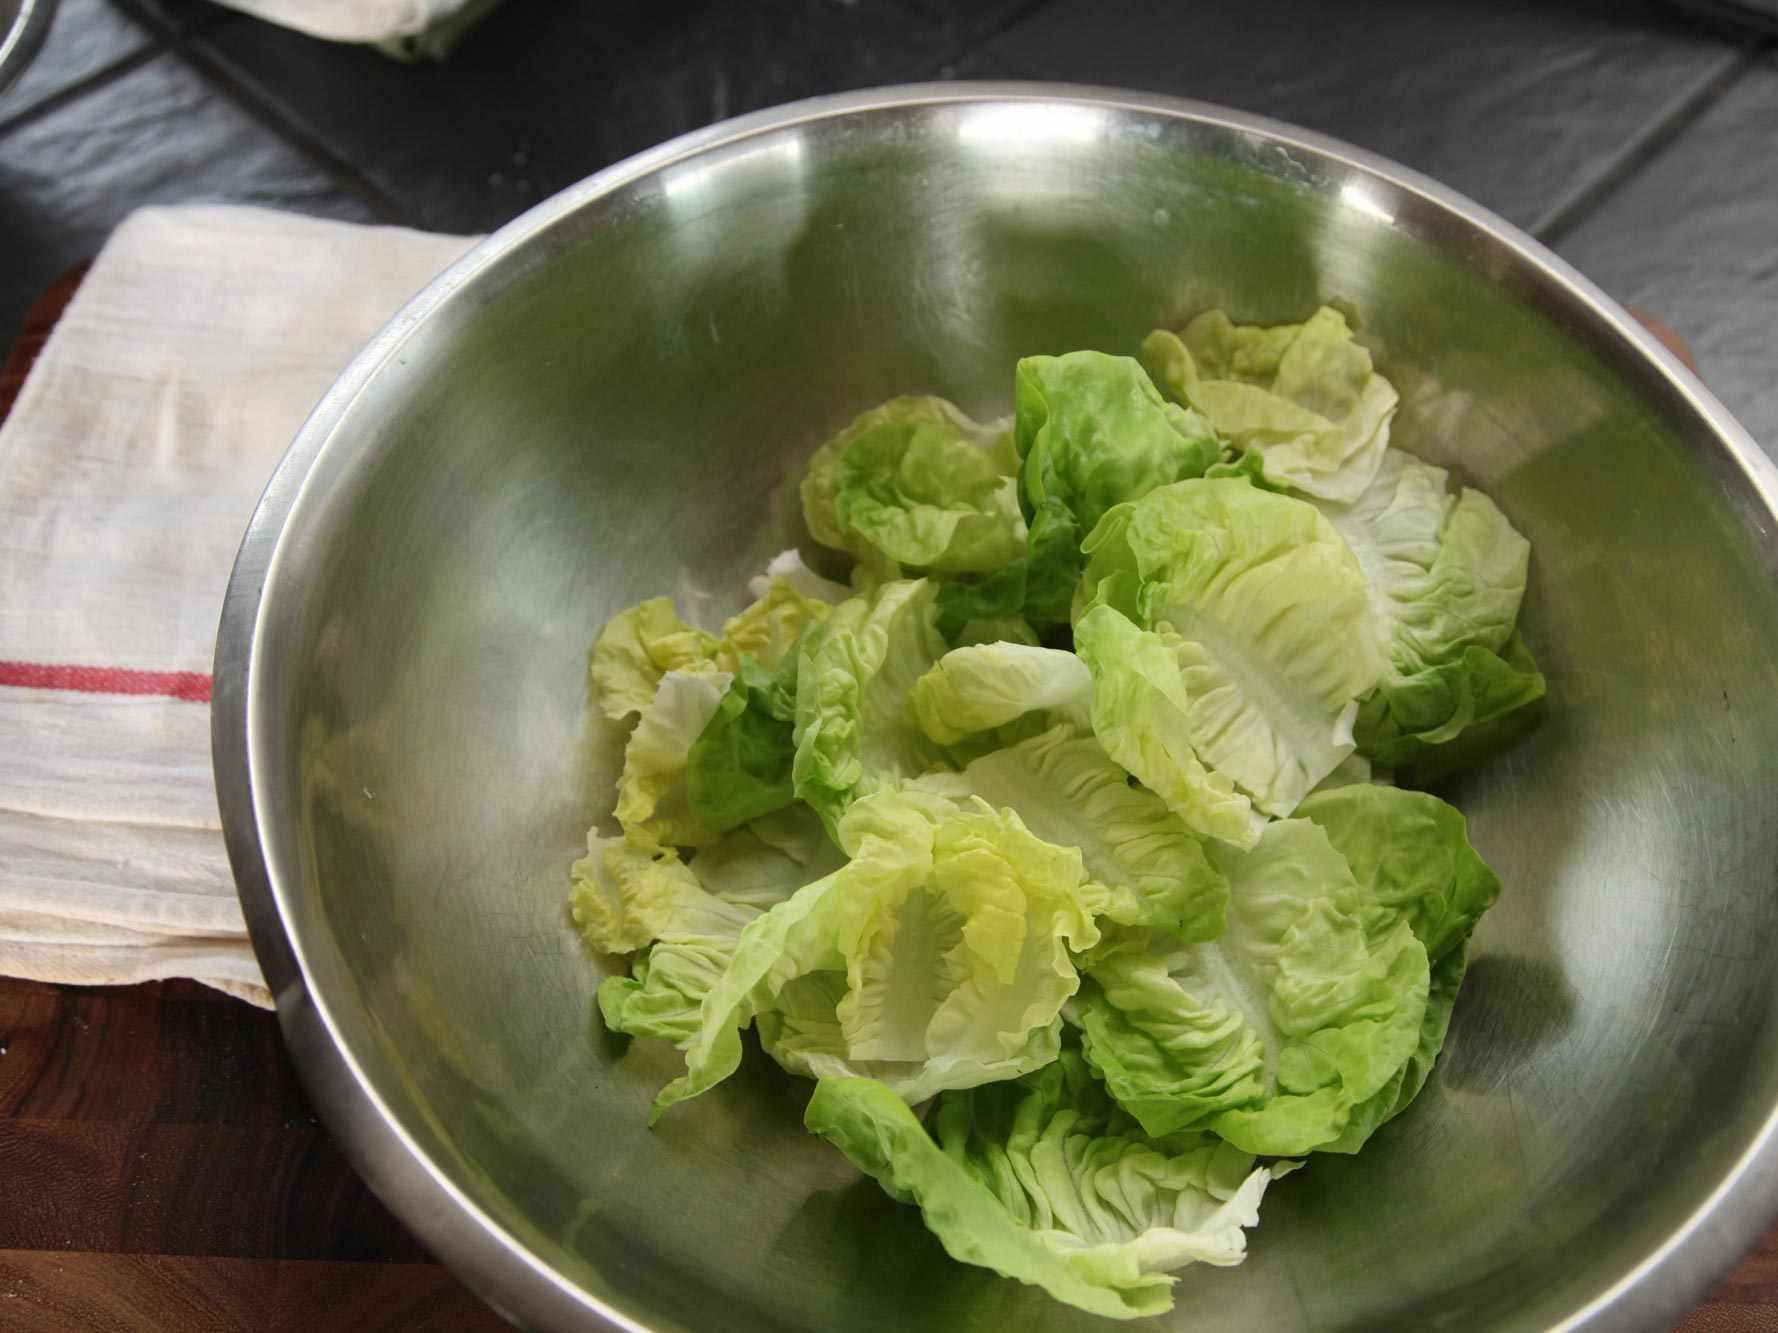 20140930-how-to-dress-a-salad-vinaigrette-11.jpg